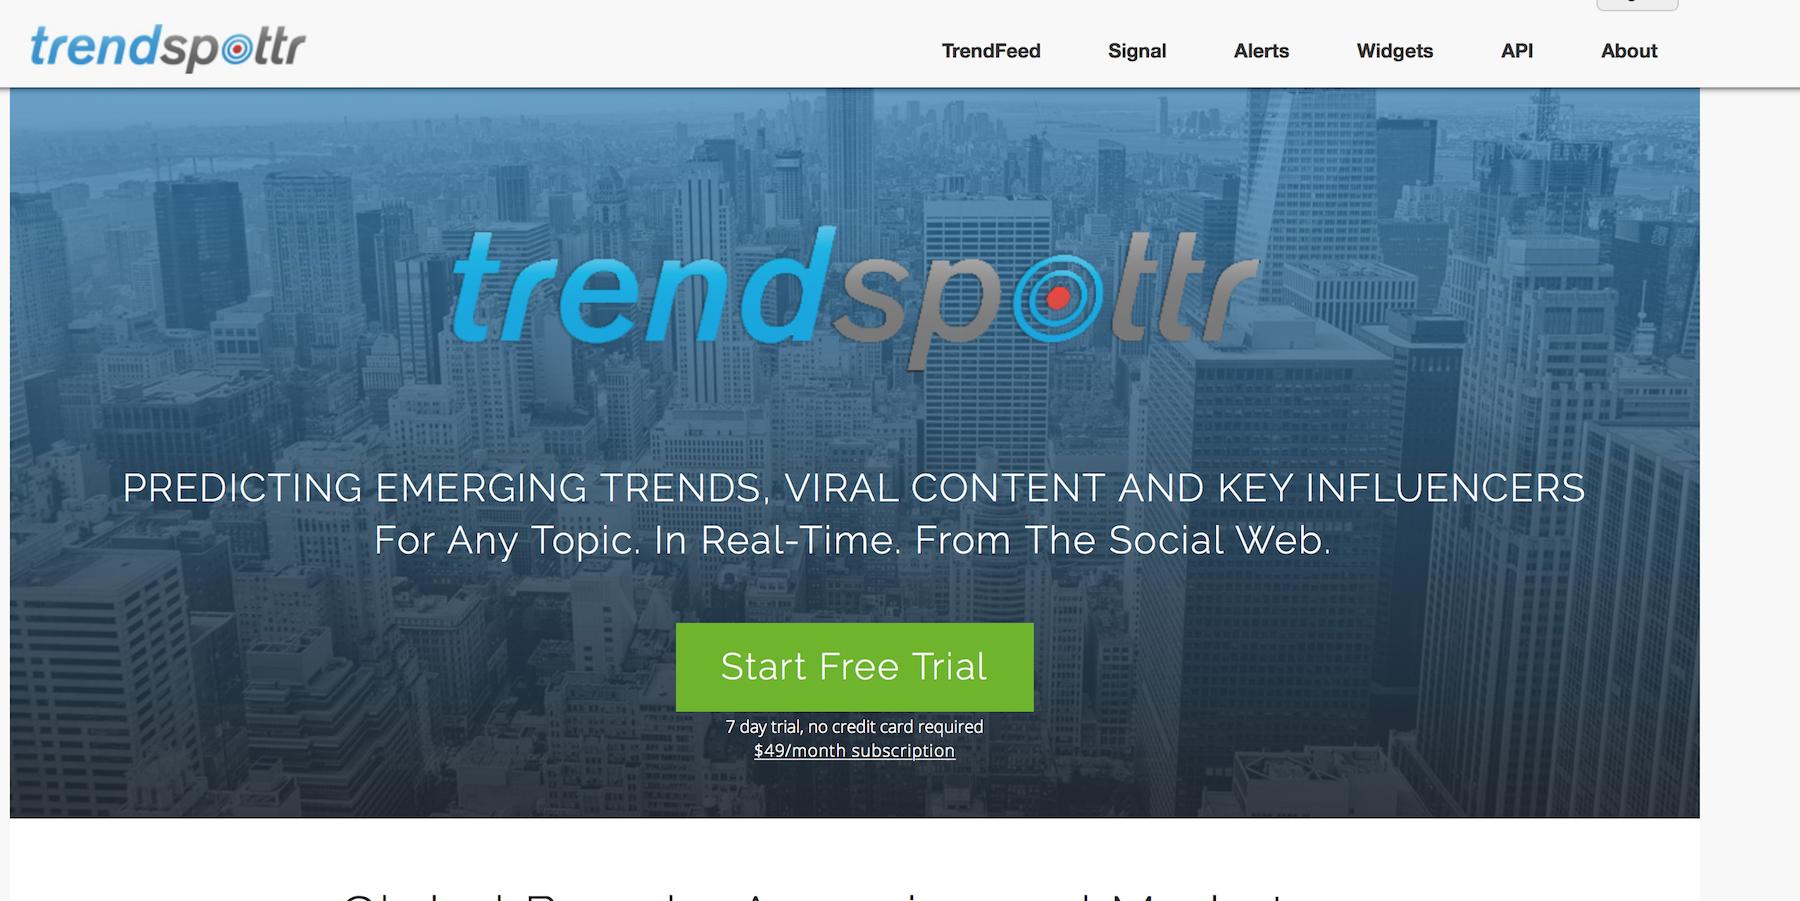 trendspottr herramienta